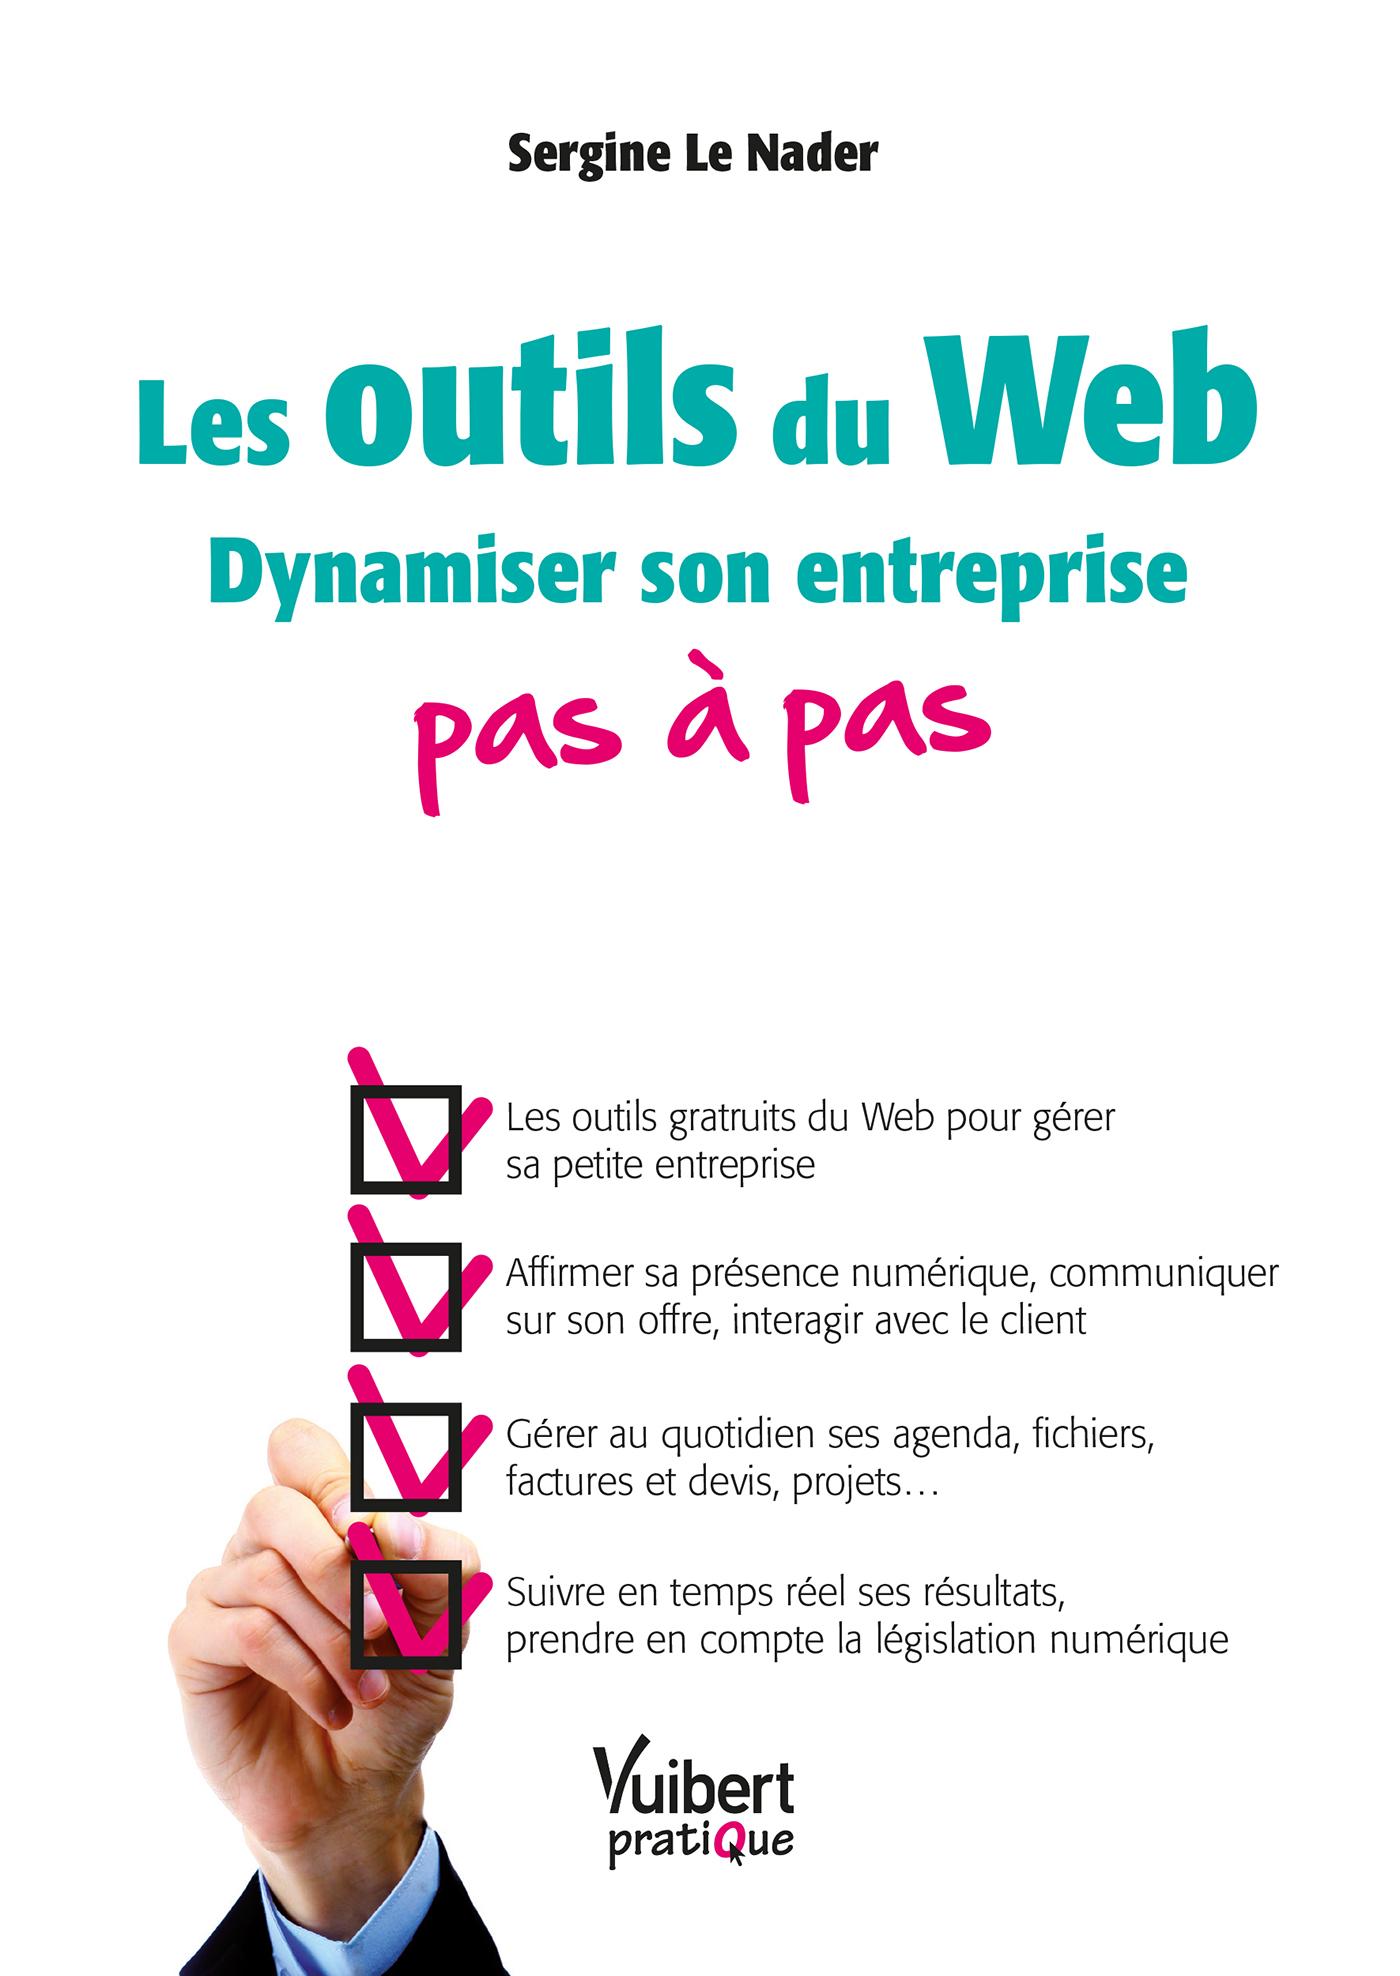 OUTILS DU WEB (LES)